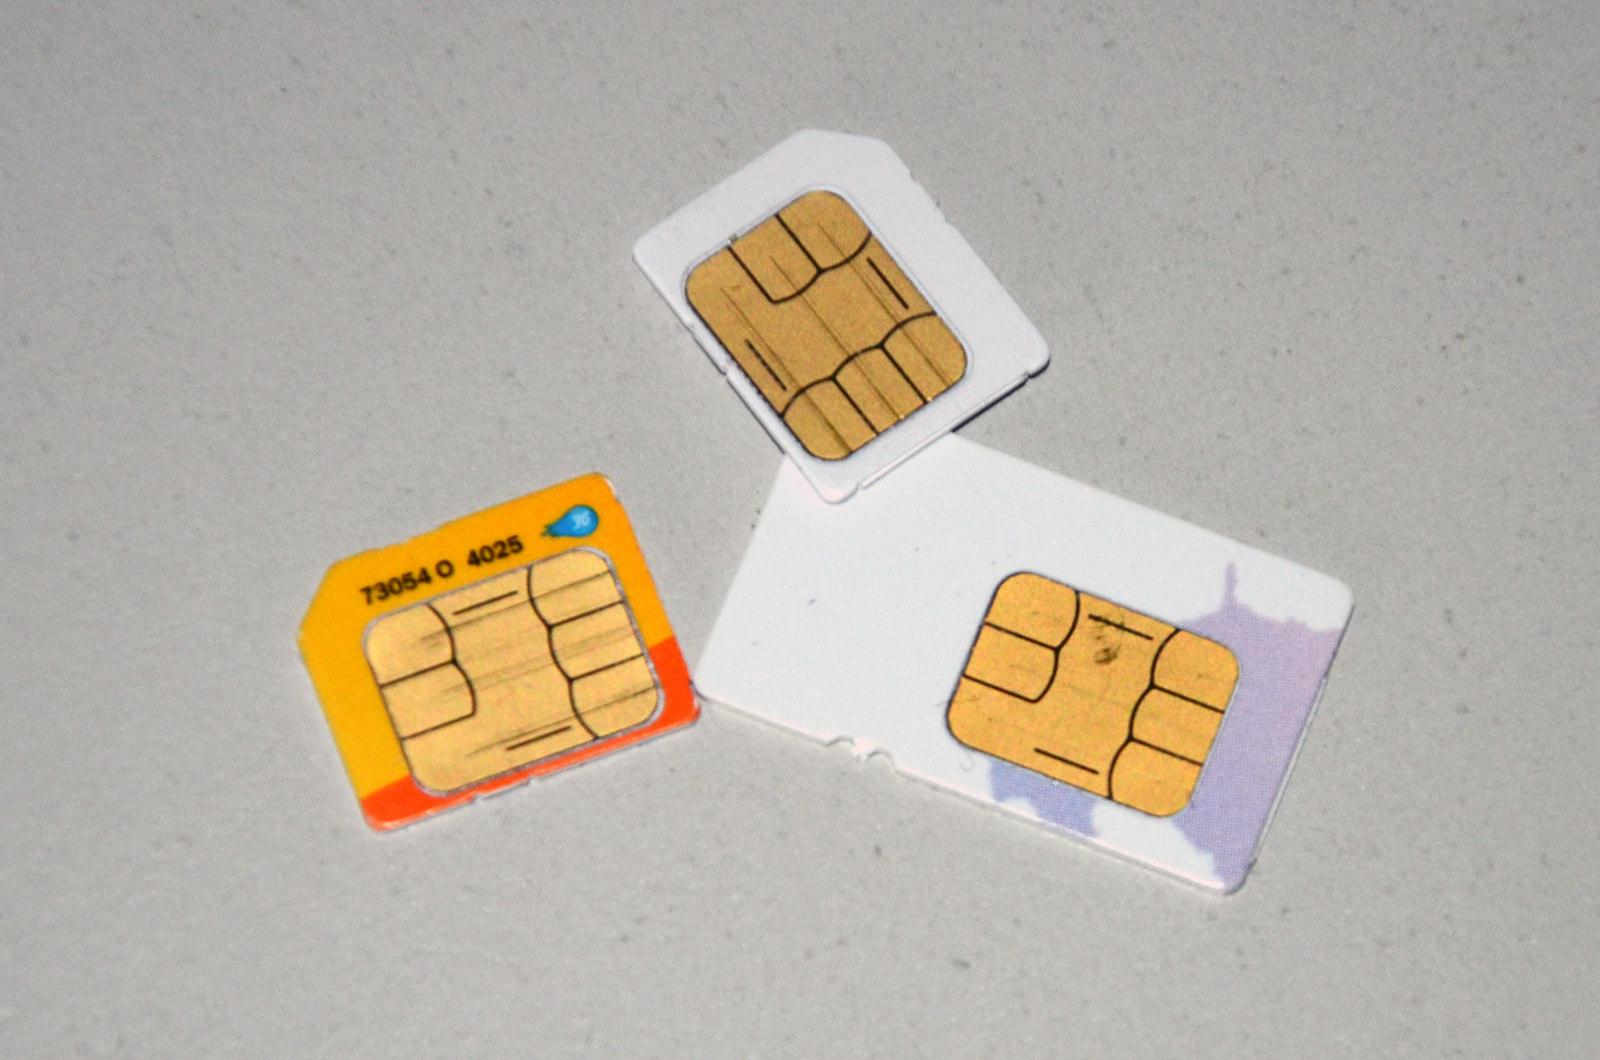 Українські мобільні оператори не прив'язуватимуть номери до паспортів